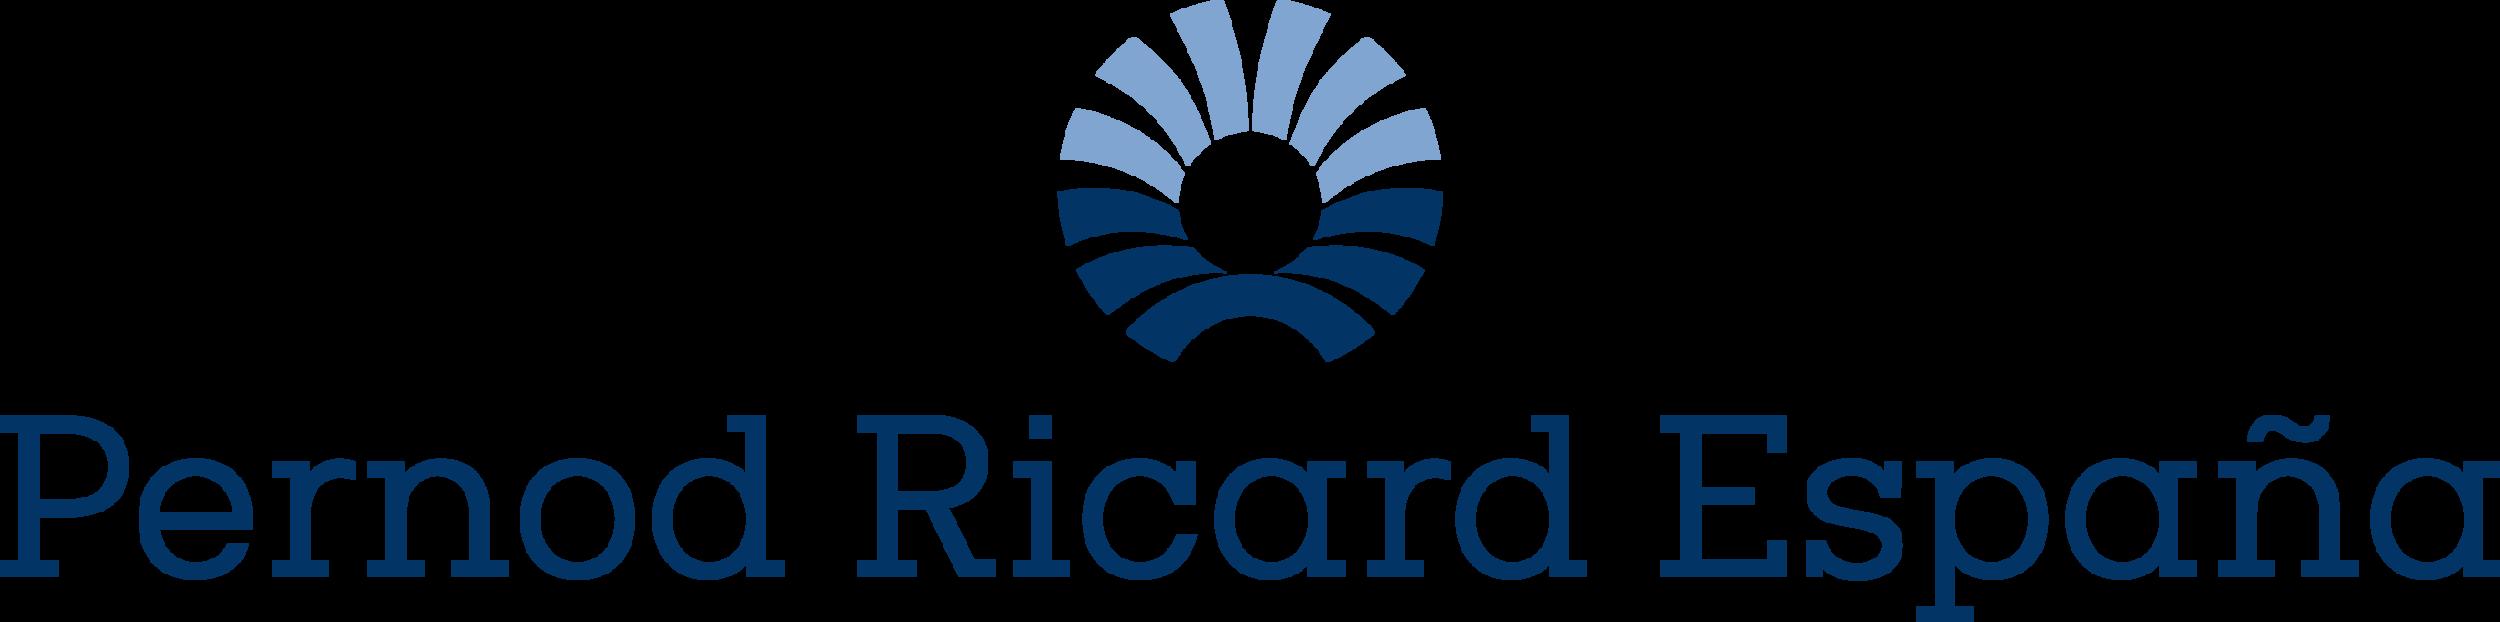 Logo Pernod Ricard Espana (1).png